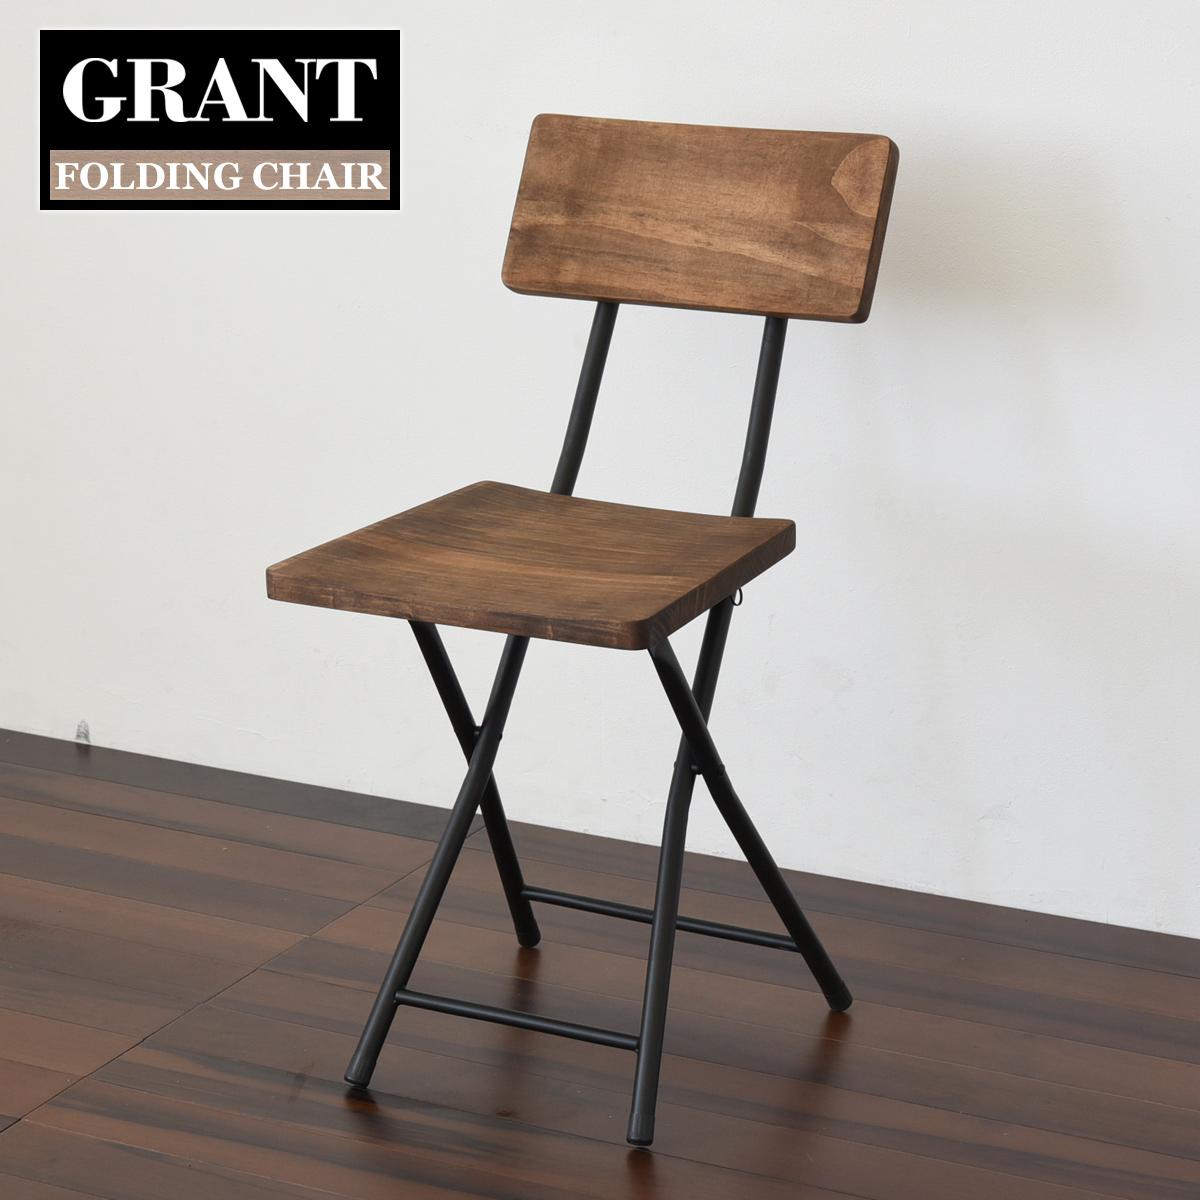 折りたたみチェアー 天然木 北欧 木製 椅子 折り畳み イス チェアー シンプル アイアン おしゃれ オイル アンティーク 植物性オイル 塗装 モダン スタイリッシュ ナチュラル